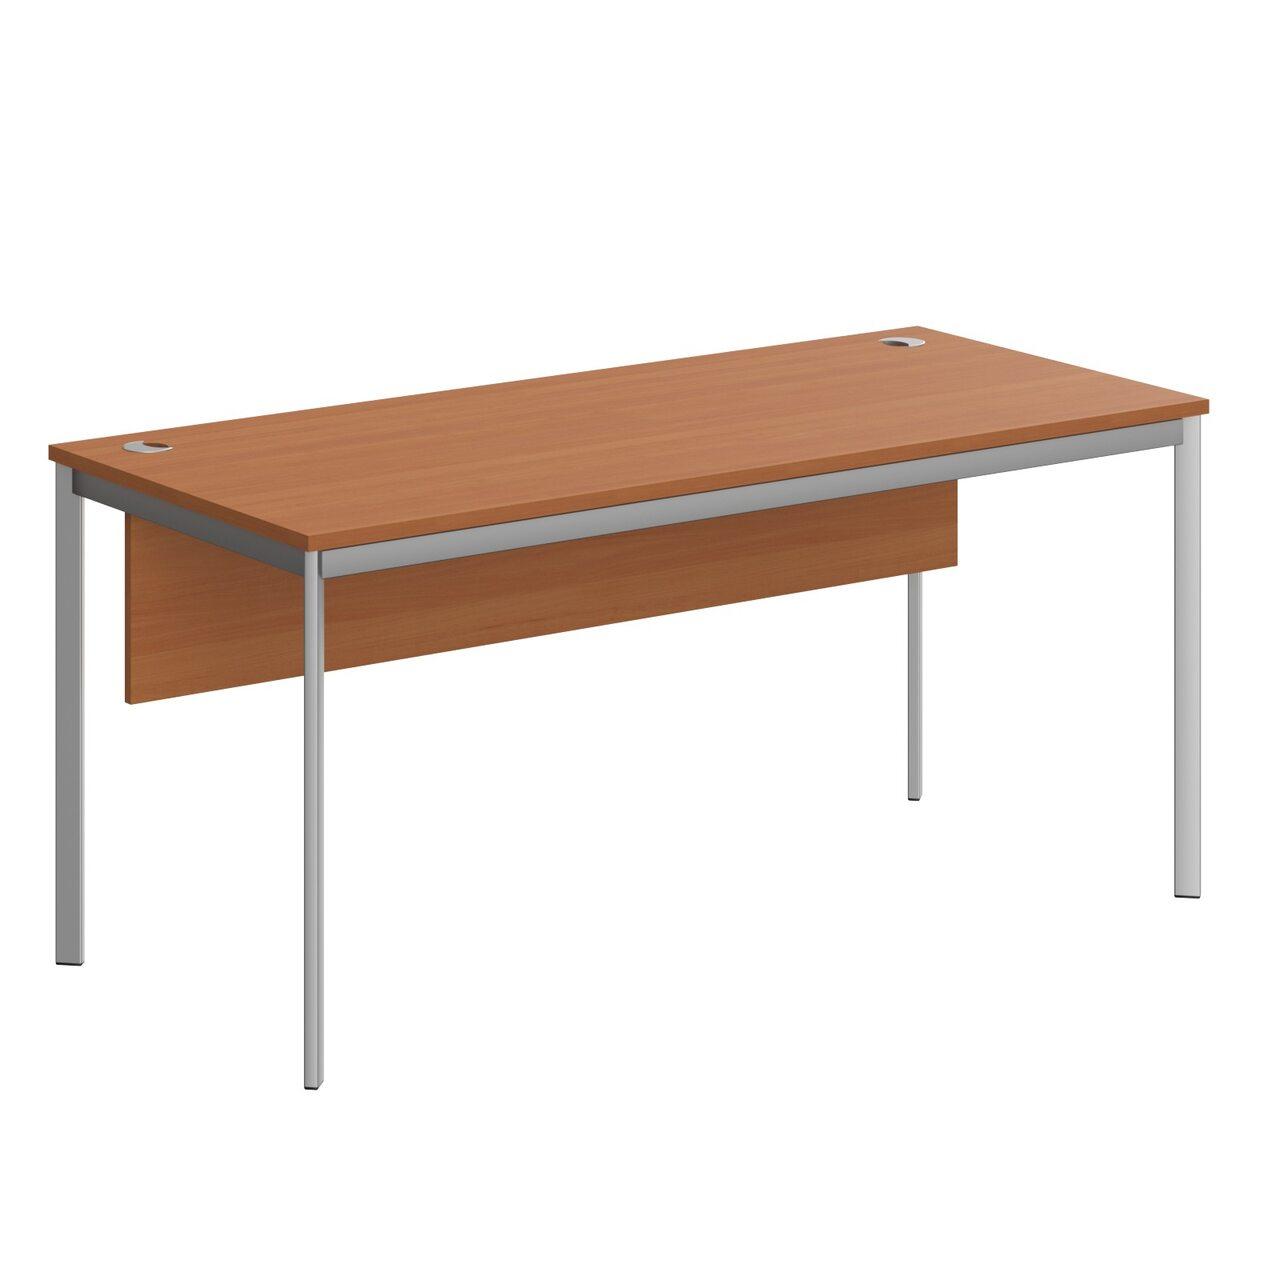 Стол прямой с фрональной панелью  IMAGO-S 72x160x76 - фото 6